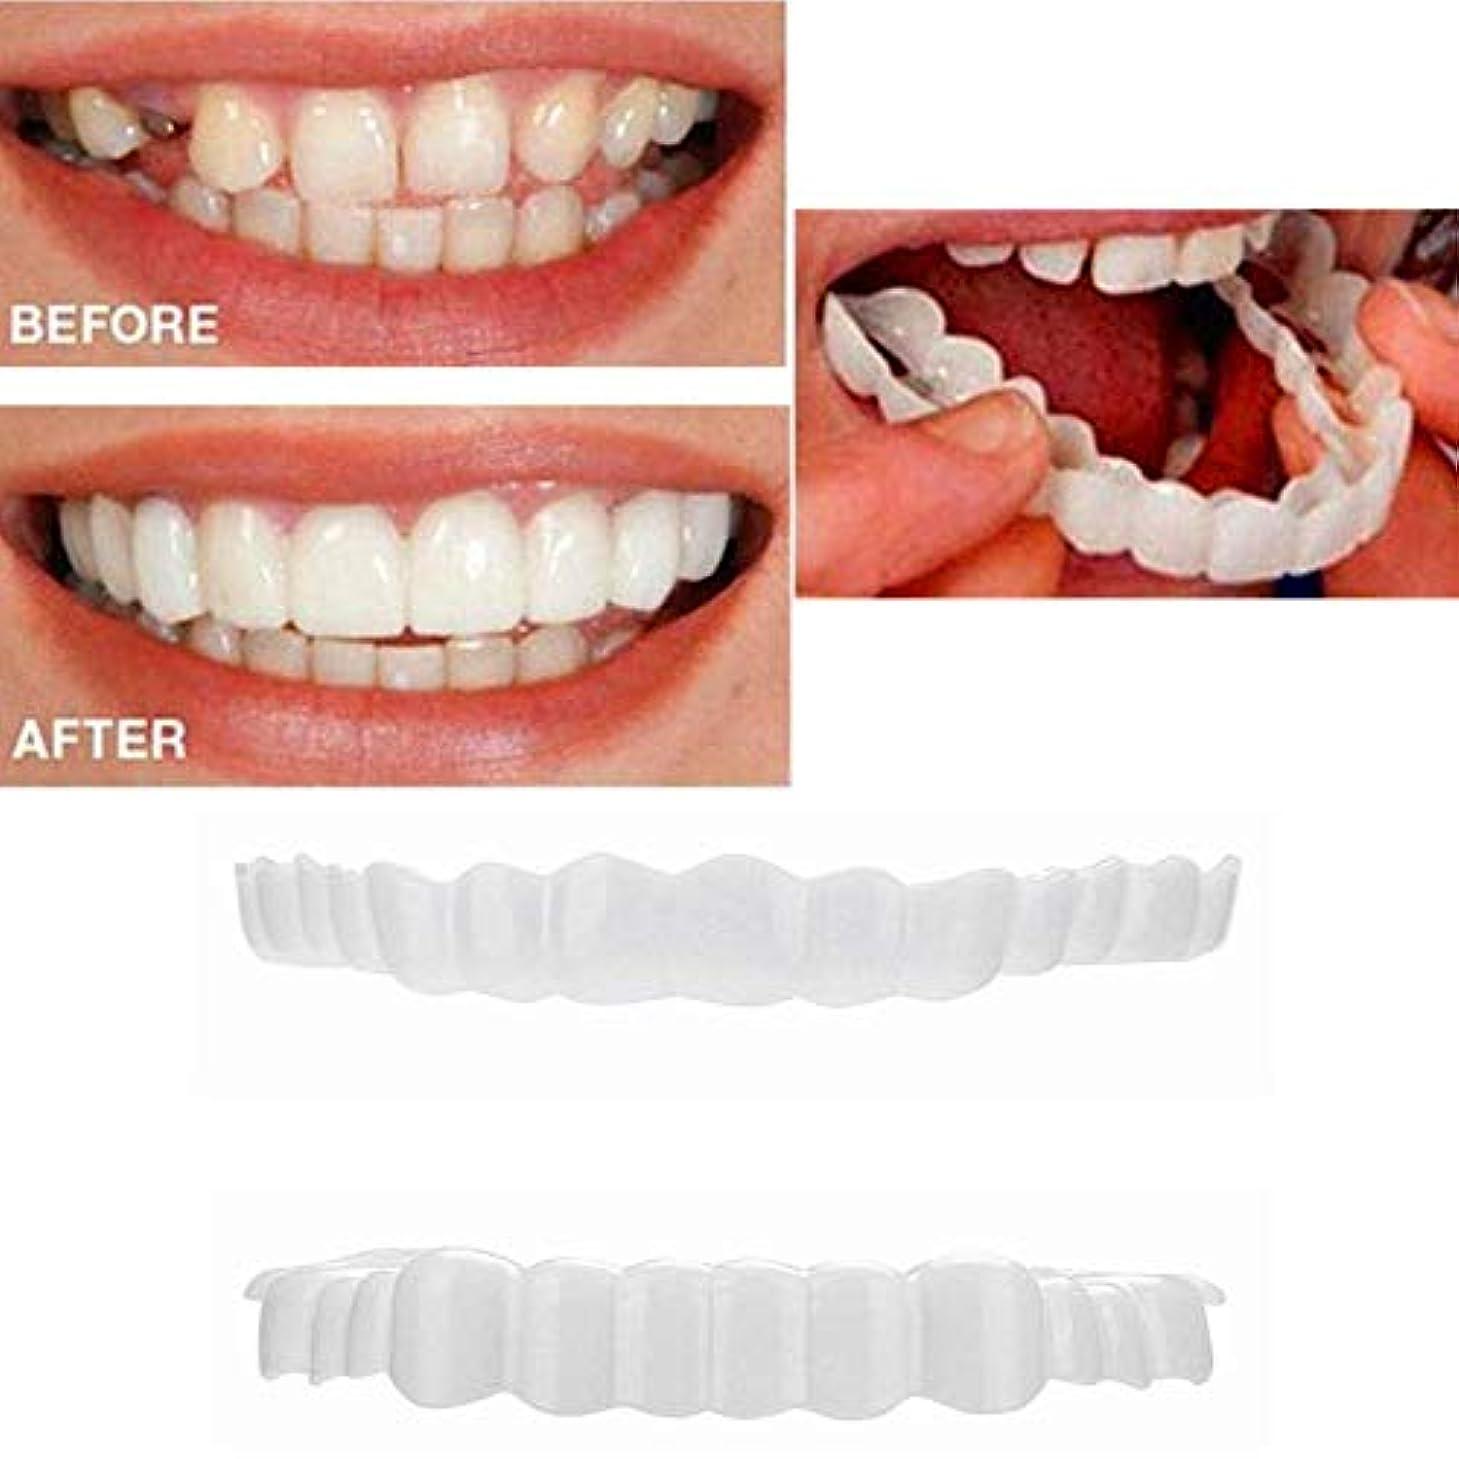 日付付きリーズセージ最新の化粧板の歯、化粧品の歯3組 - 一時的な笑顔の快適さフィットフレックス化粧品の歯、ワンサイズ、スーペリアーとローワーコンフォートベニア - (Lower + Upper)